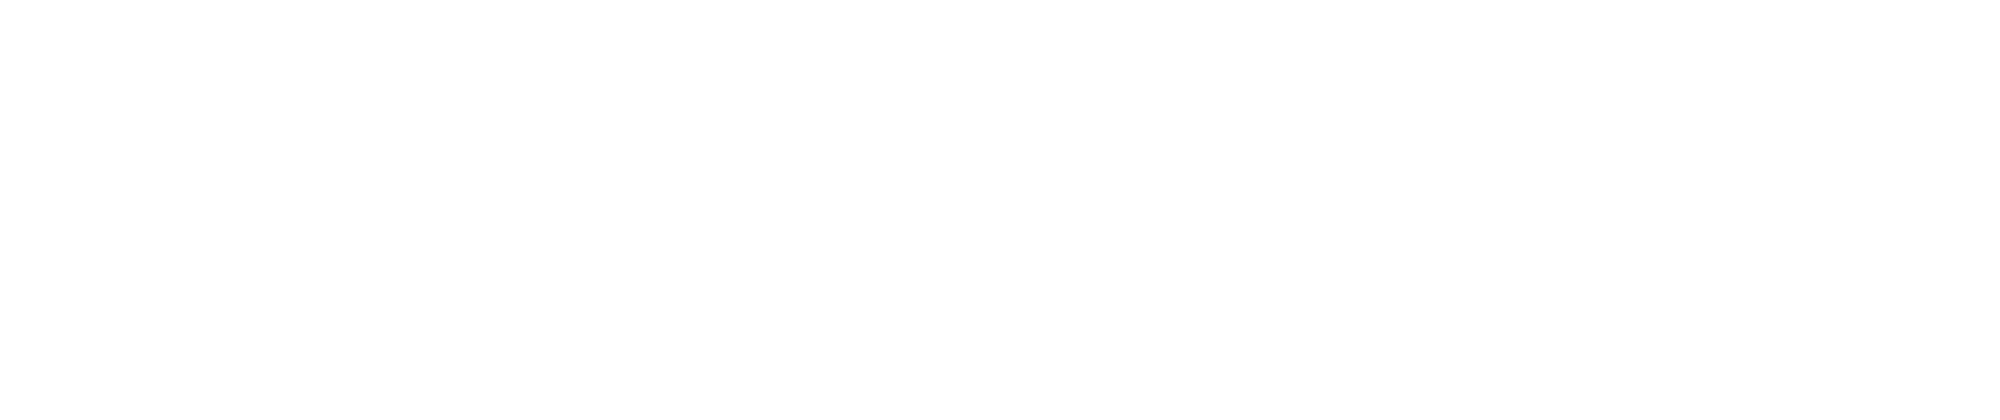 brunchheadertext.png